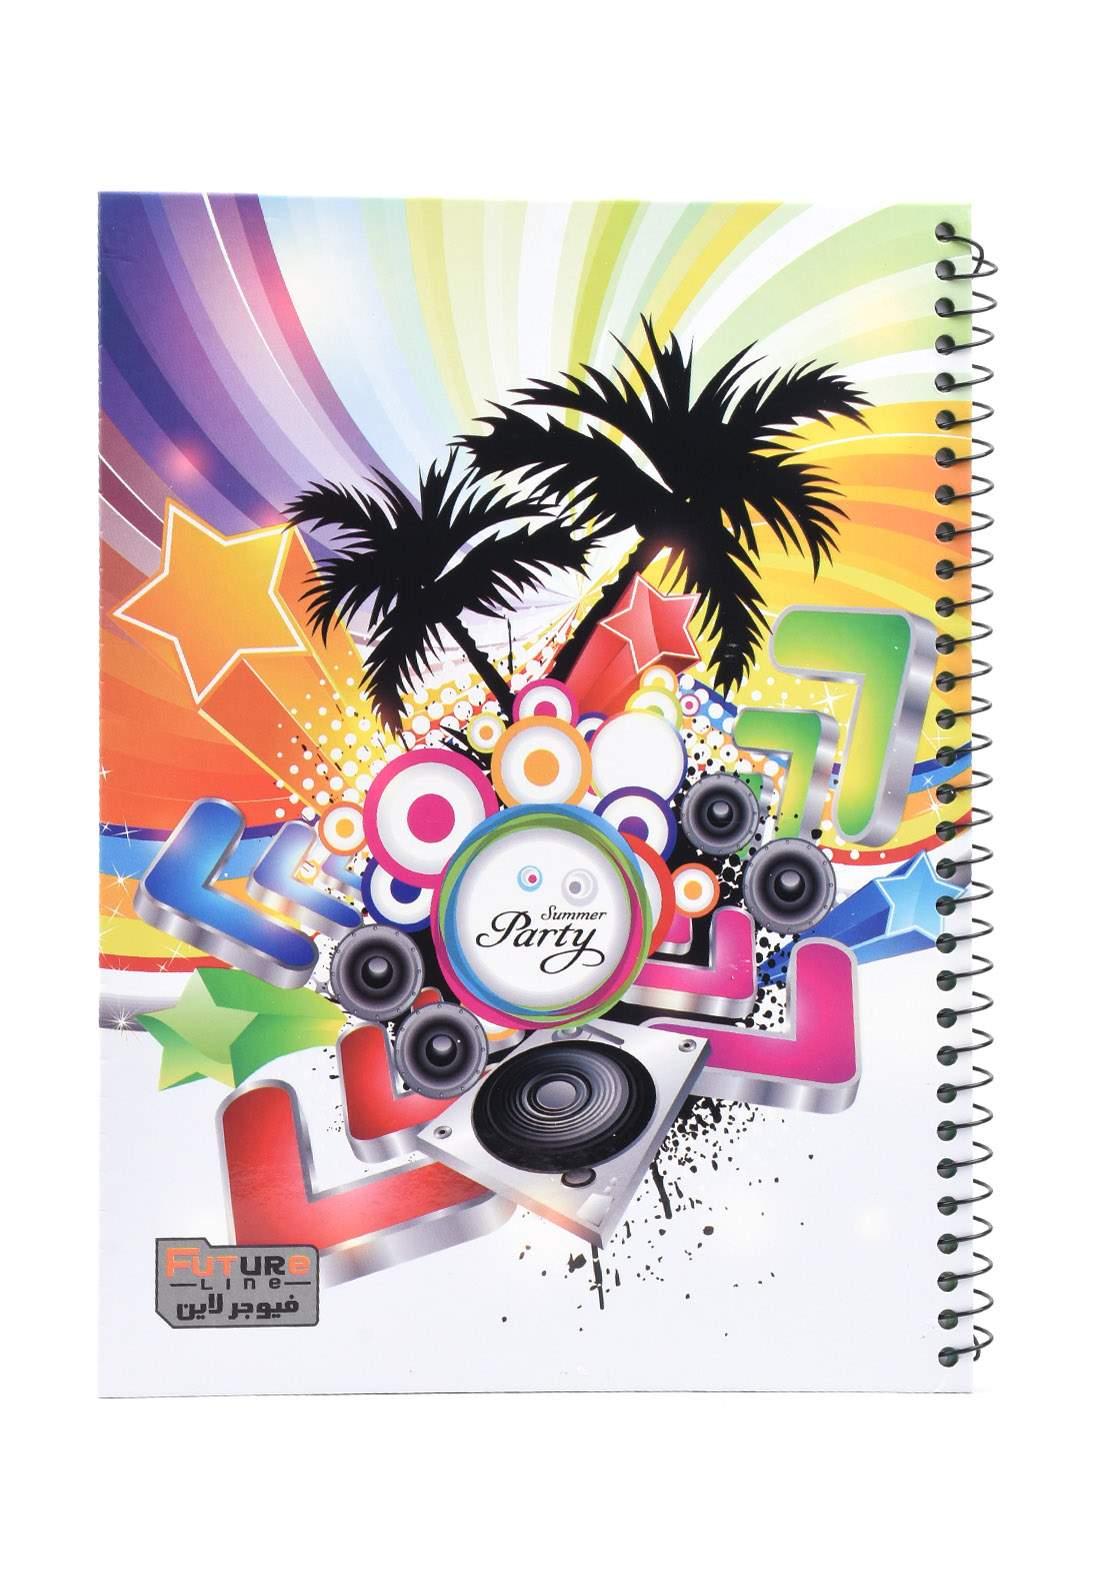 دفتر 100 ورقة سيم برسمة موسيقى KH-3000